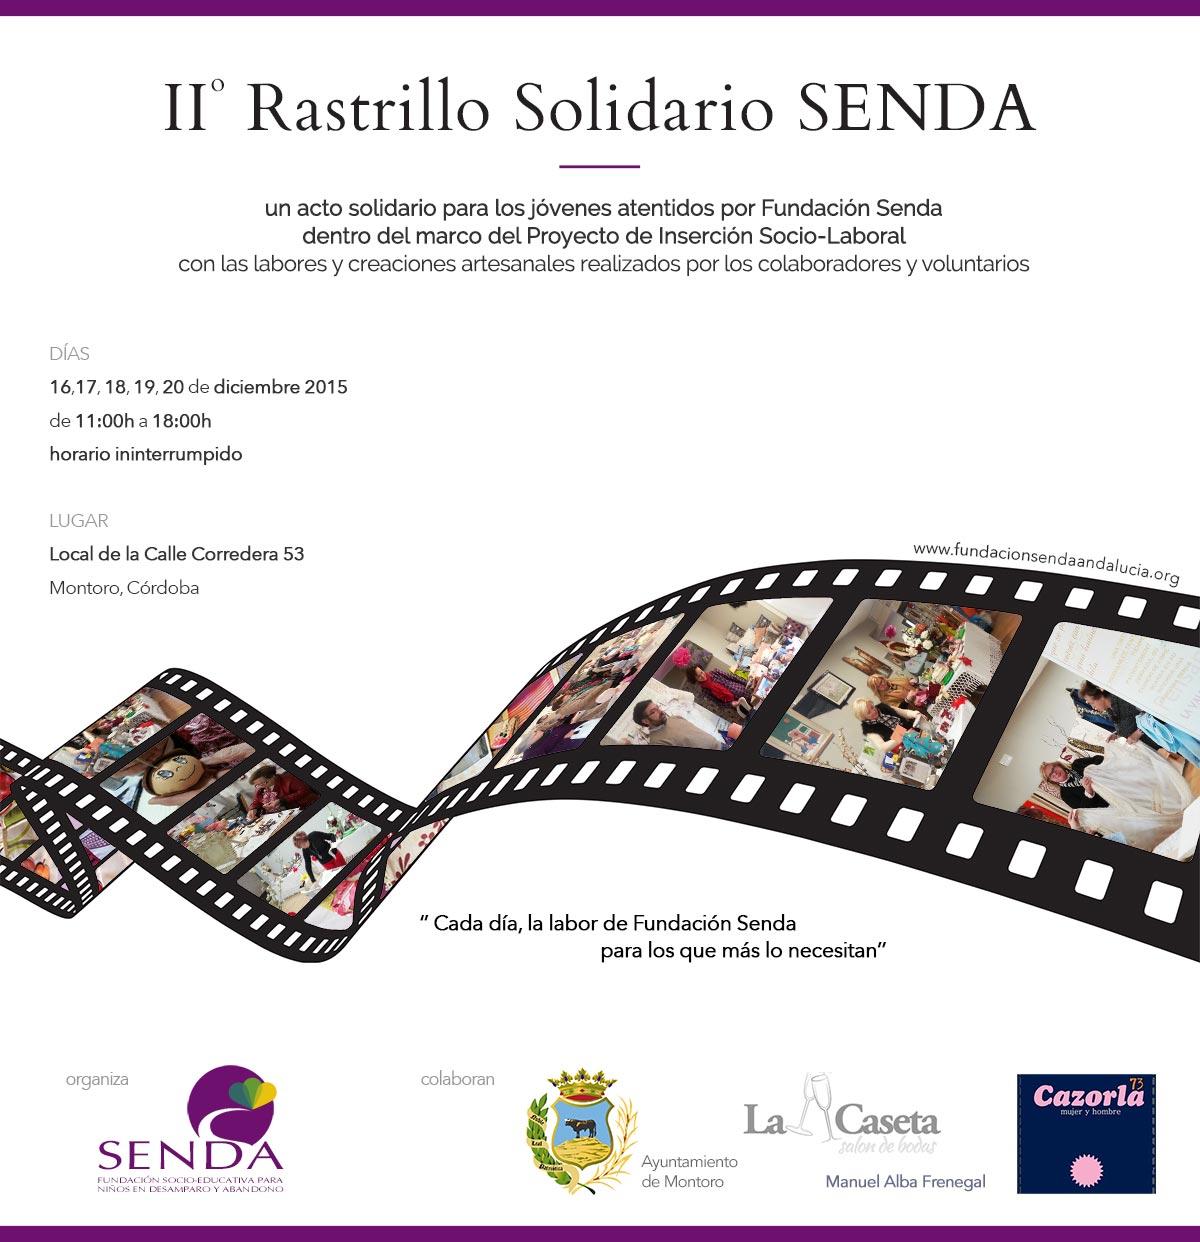 fundacion-senda-andalucia-segunda-edicion-rastrillo-solidario-montoro-cordoba-img01